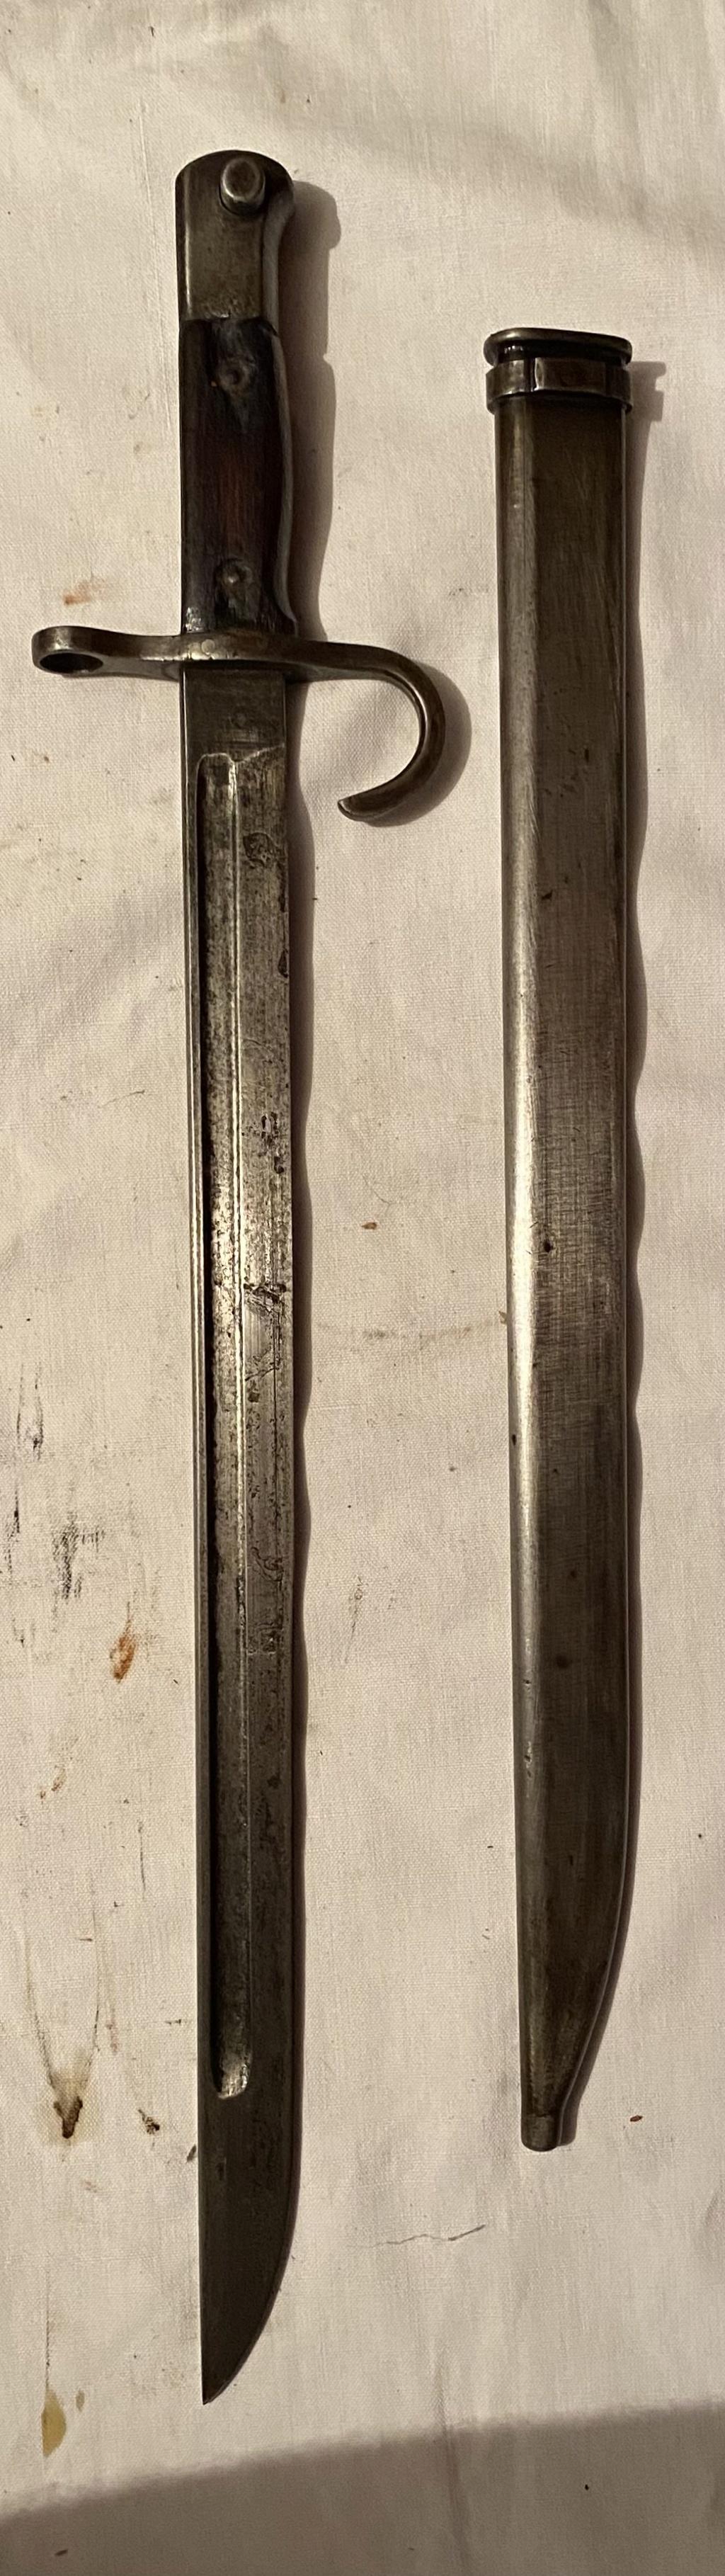 52 armes blanches ! Baïonnettes, dagues, toutes nationalités et époques ! Part 1 18_110